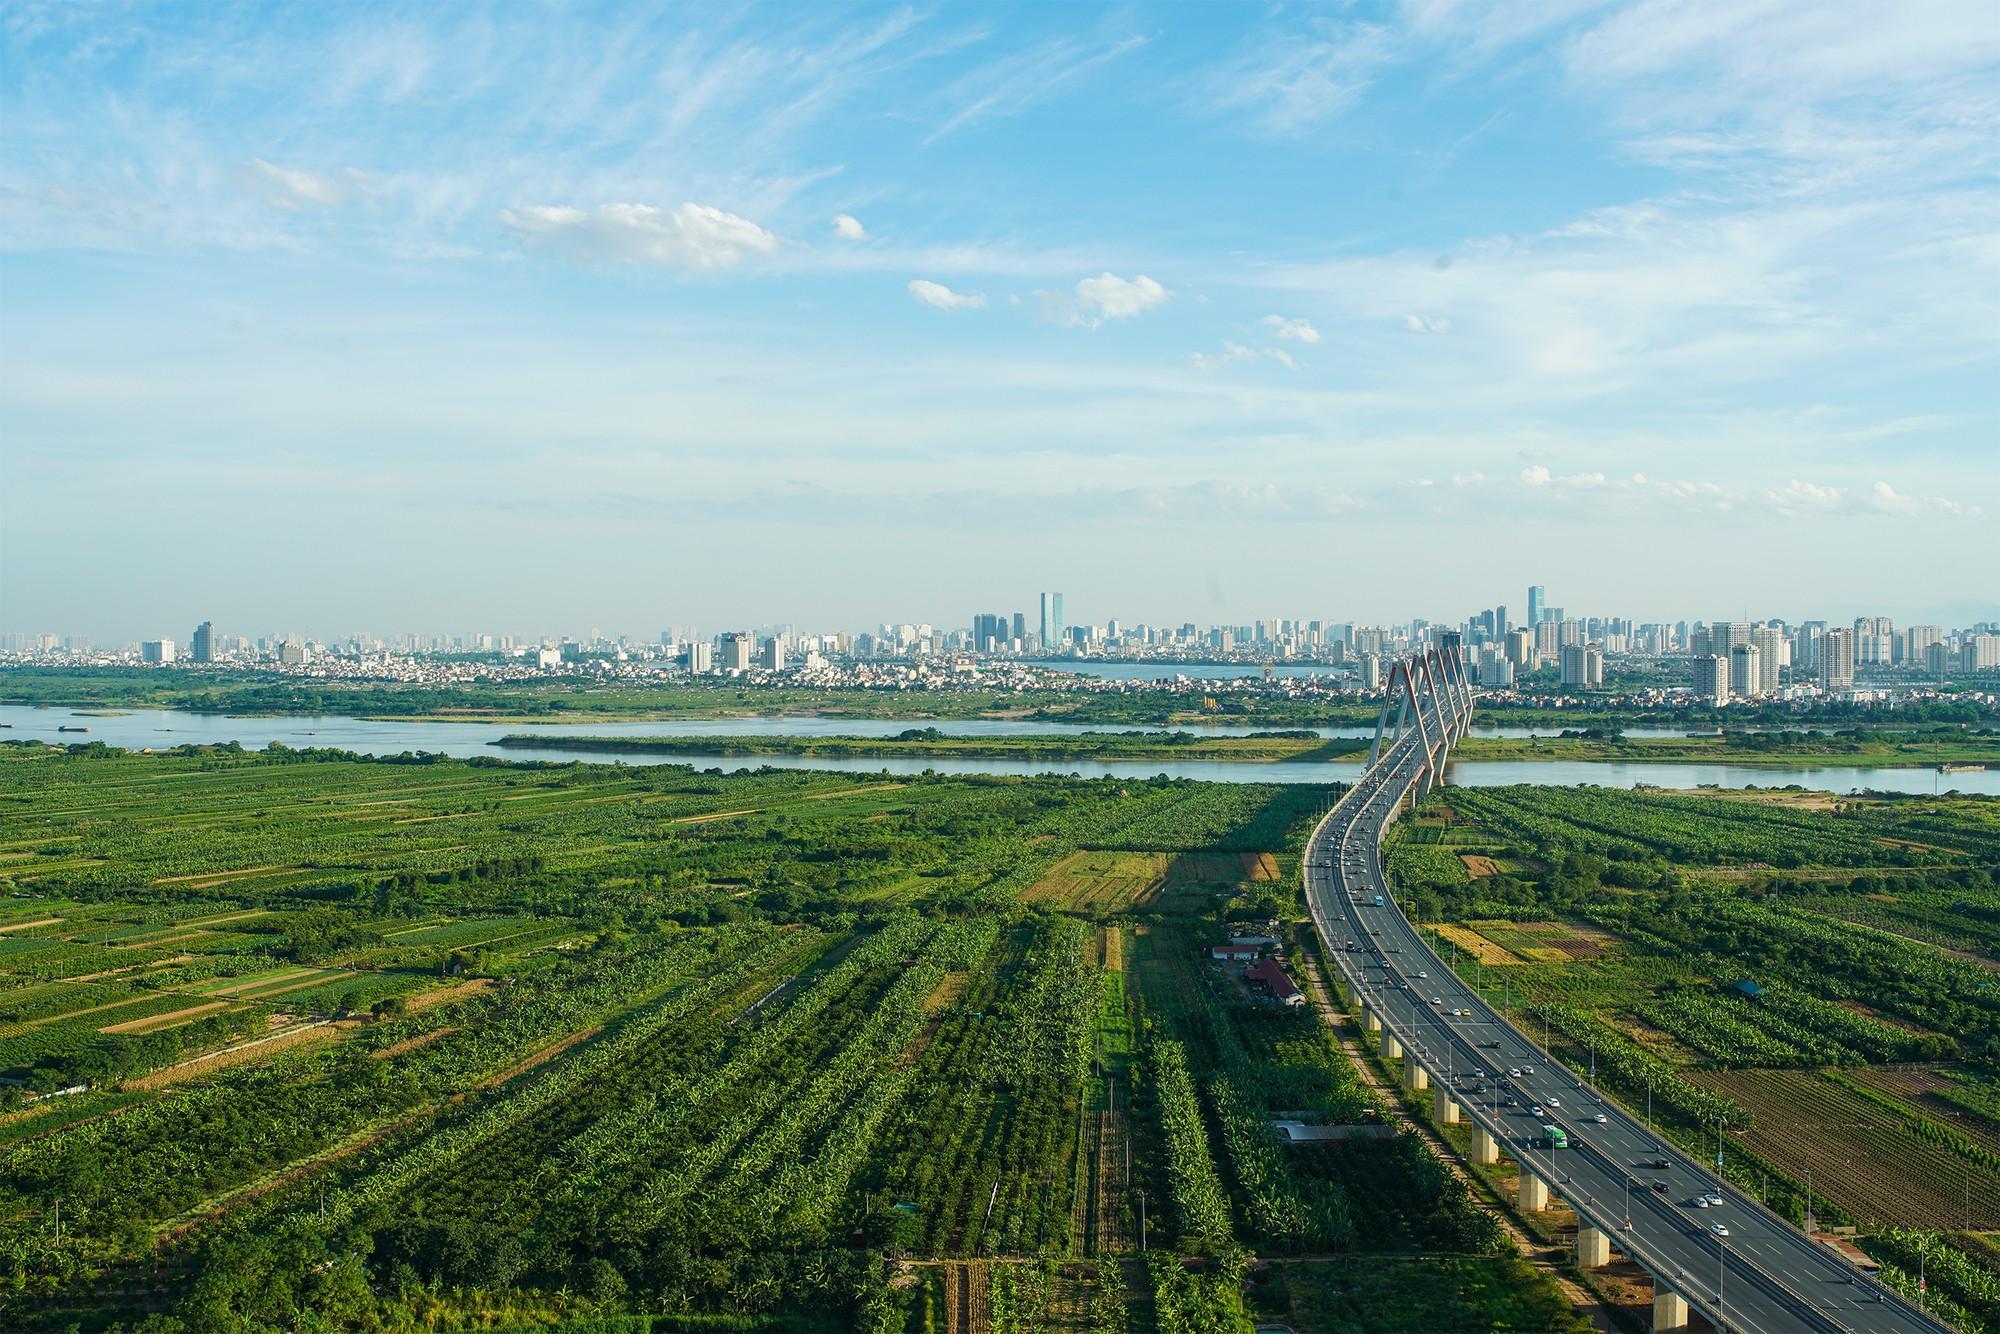 Hơn 5.400 ha bãi sông sẽ được sử dụng thế nào khi Quy hoạch phân khu đô thị sông Hồng được phê duyệt?